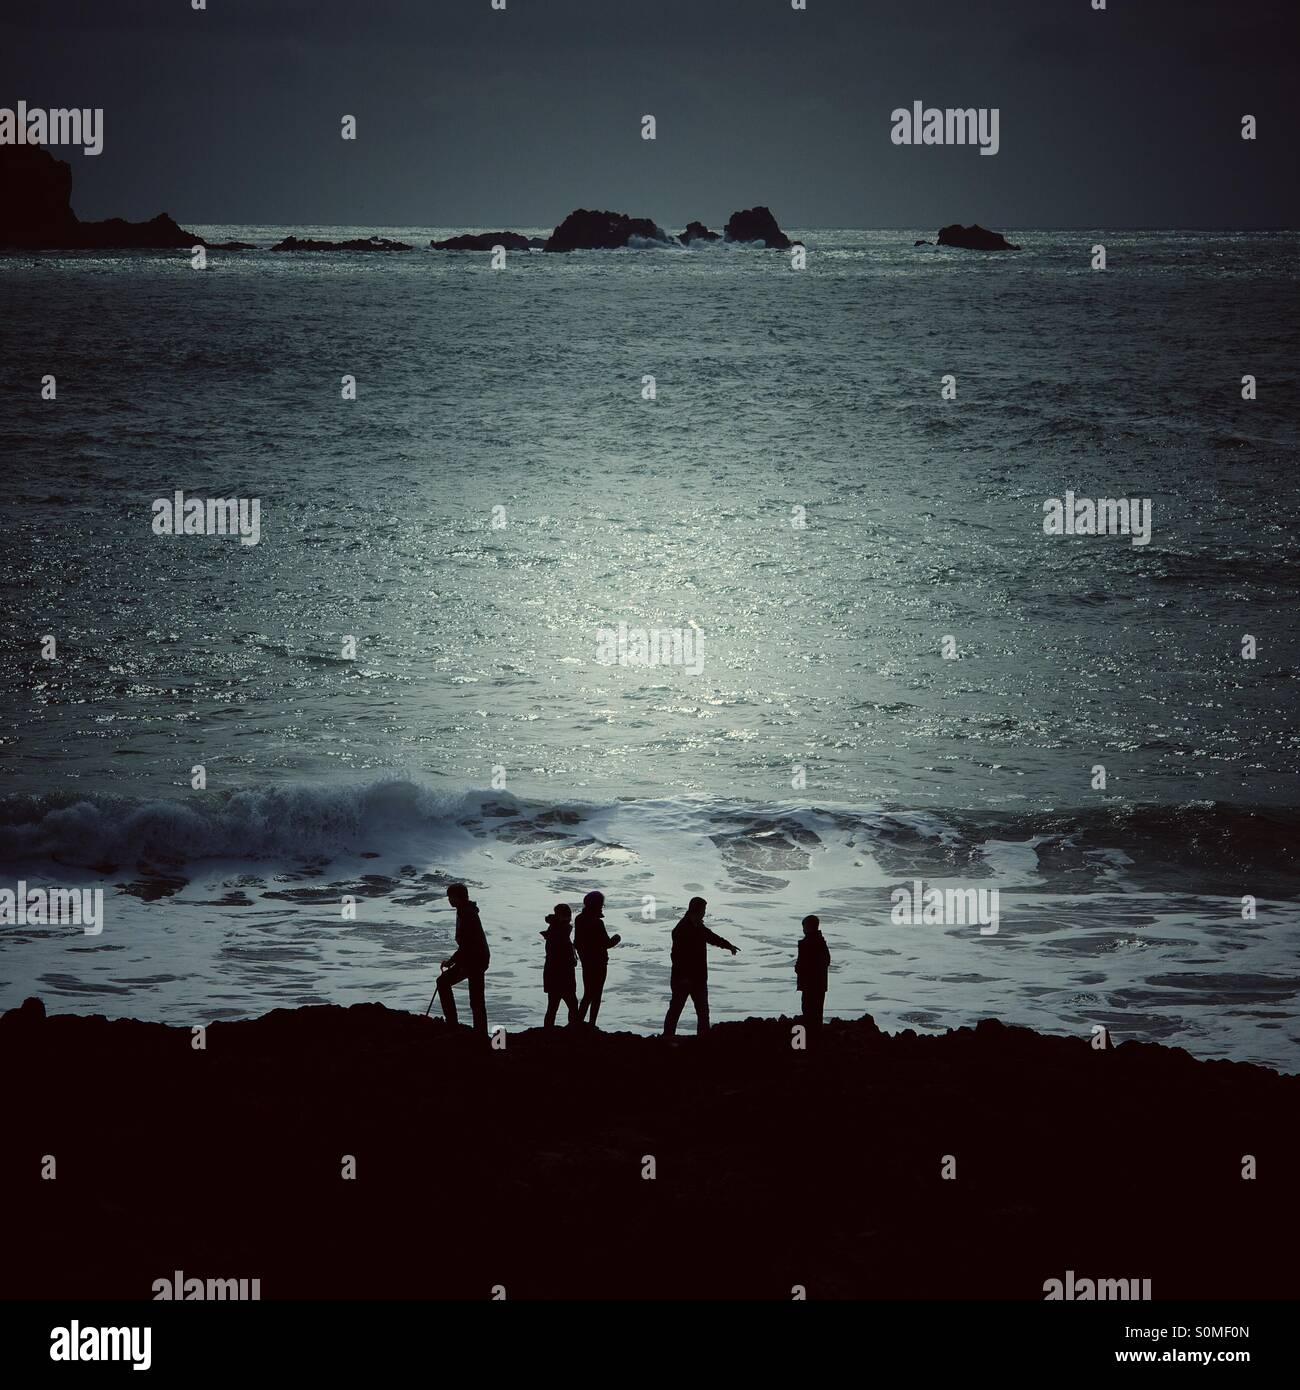 Cinque sagome in un'avventura al mare. L'oceano di luna dietro di loro. Immagini Stock